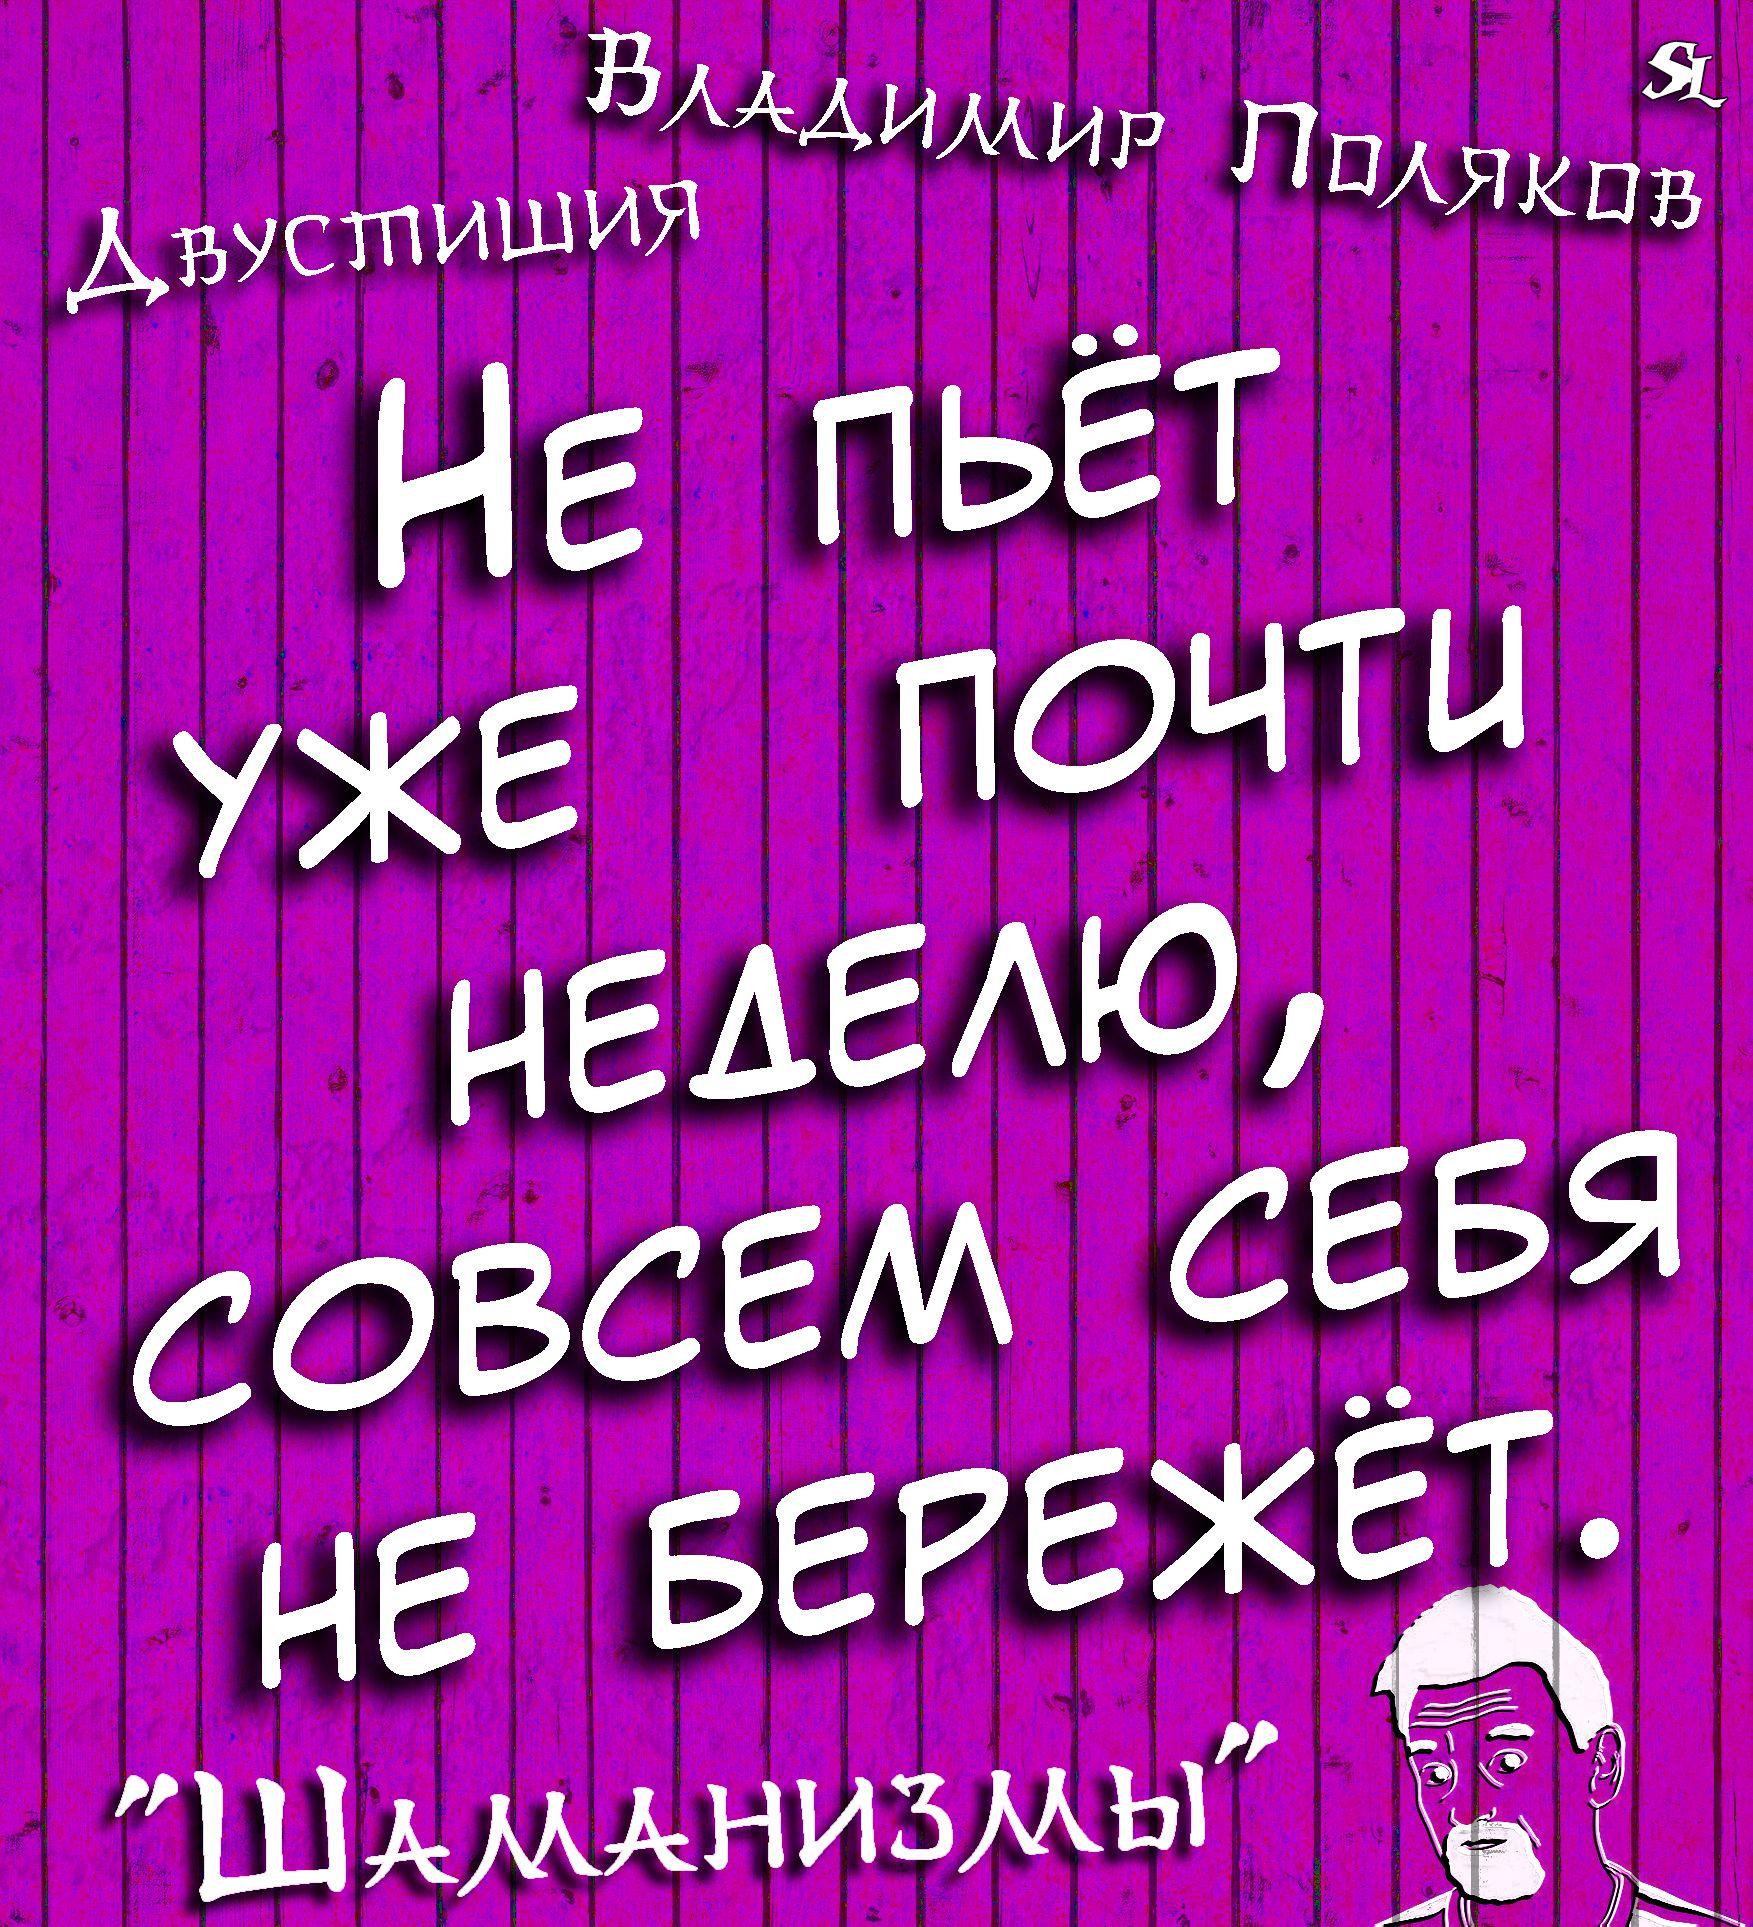 Dvostishie Vladimir Polyakov Shamanizmy Shutki Prikol Yumor Jokes Funny Humor Memes In 2021 Quotations Quotes Phrase Of The Day